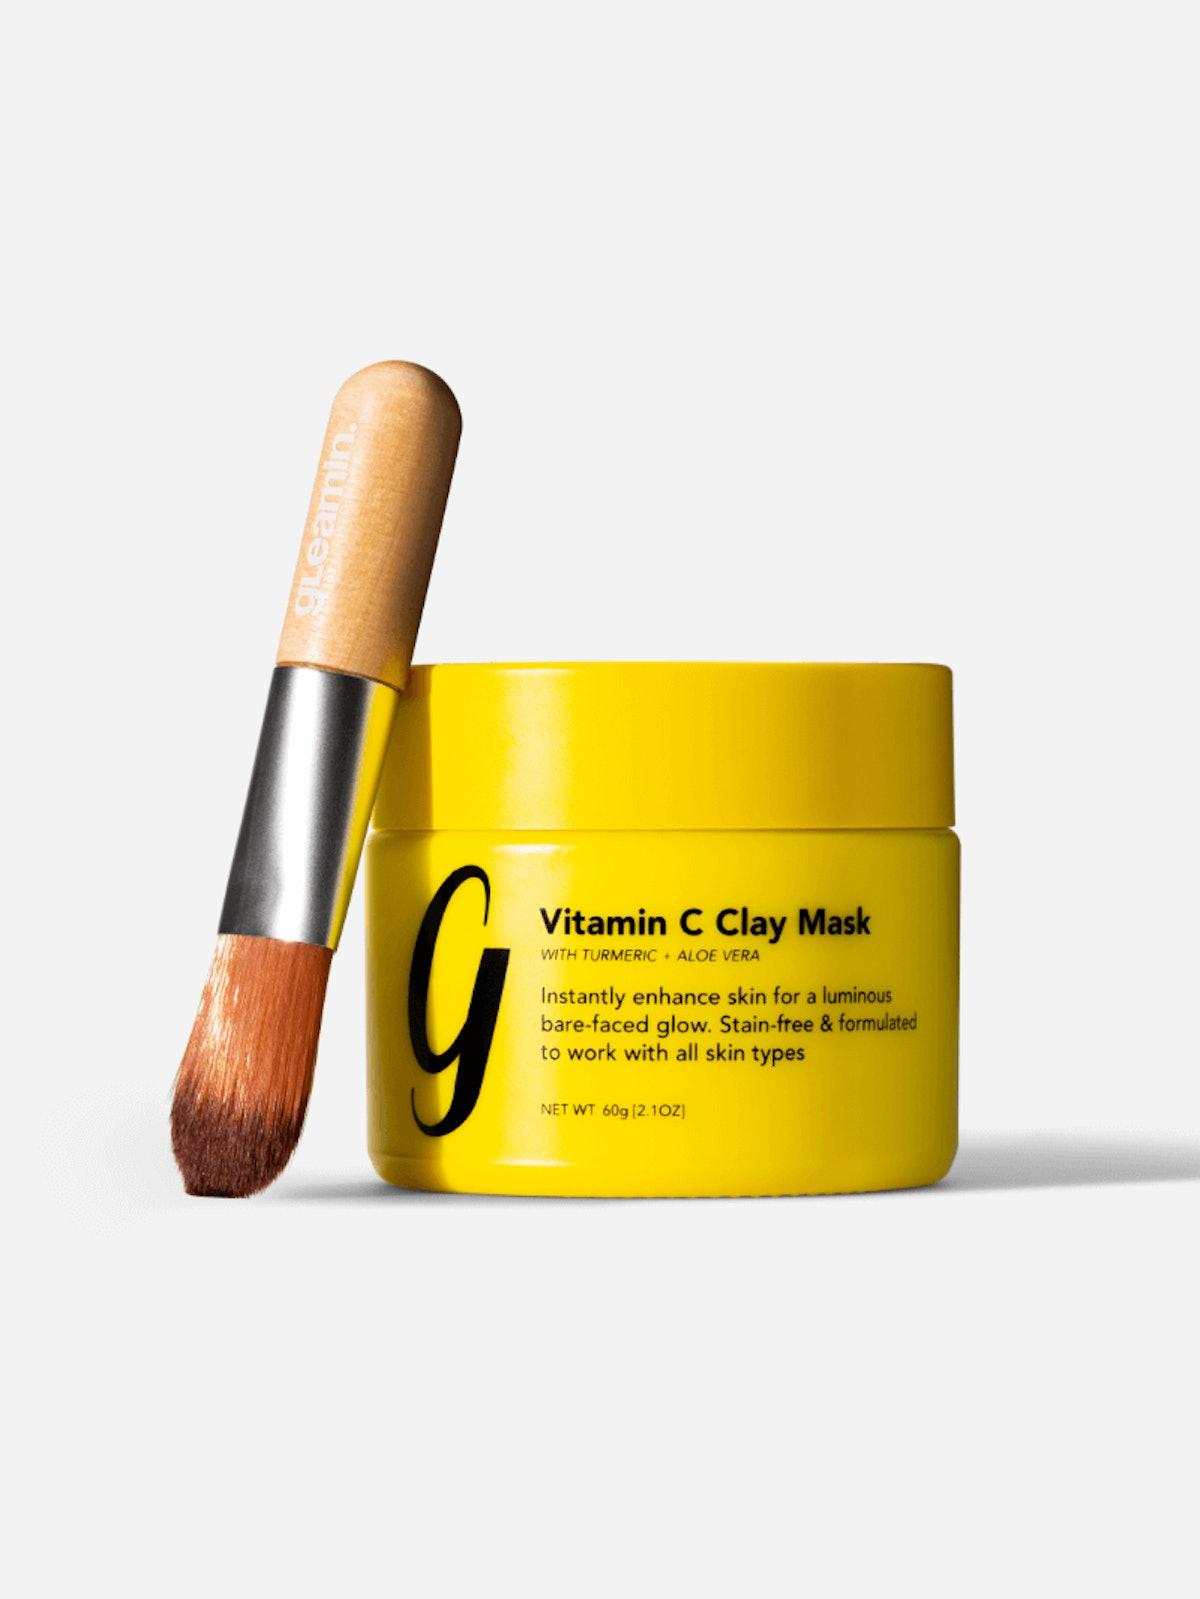 Vitamin C Clay Mask